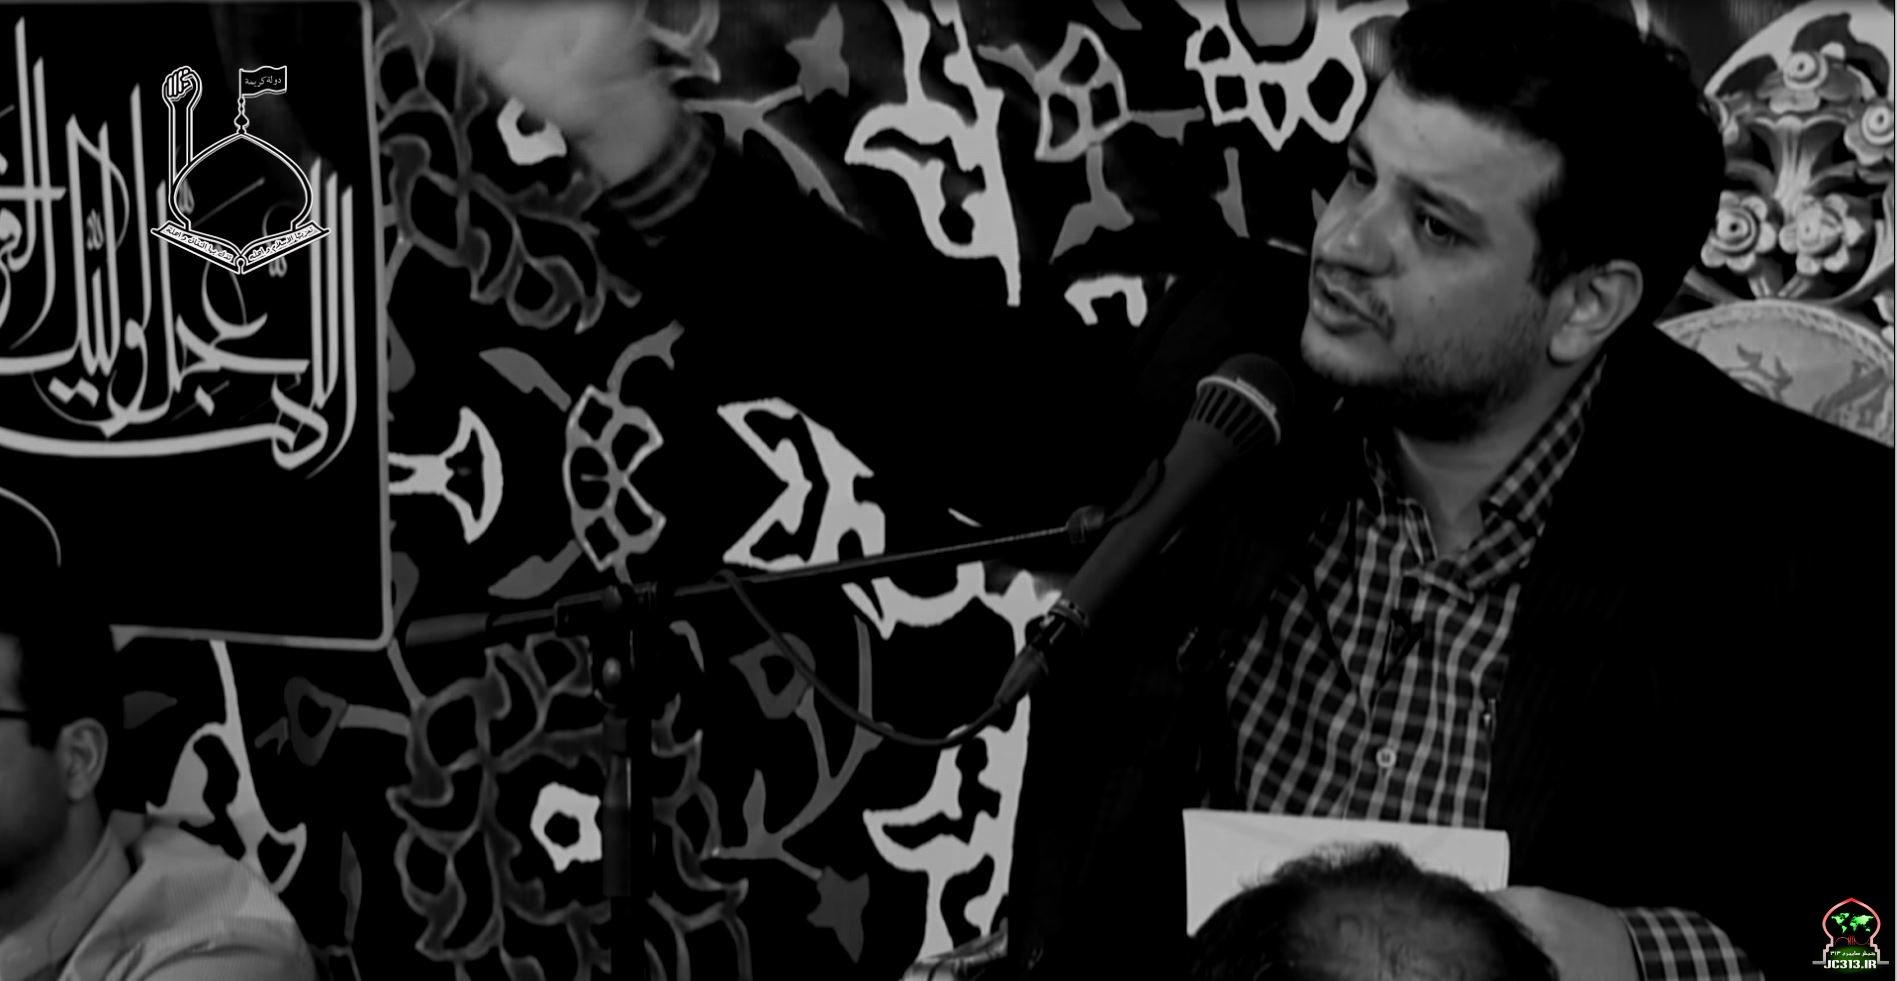 نیمه شعبان 94.احیاء نیمه شعبان سال 94.استاد رائفی پور.رائفی پور.سخترانی استاد رائفی پور 94.مراسم احیاء نیمه شعبان سال 94.کلیپ احیاء نیمه شعبان 94.کلیپ استاد رائفی پور برای نیمه شعبان.احیای نیمه شعبان.اطلاعیه احیاء نیمه شعبان در جهان 2015